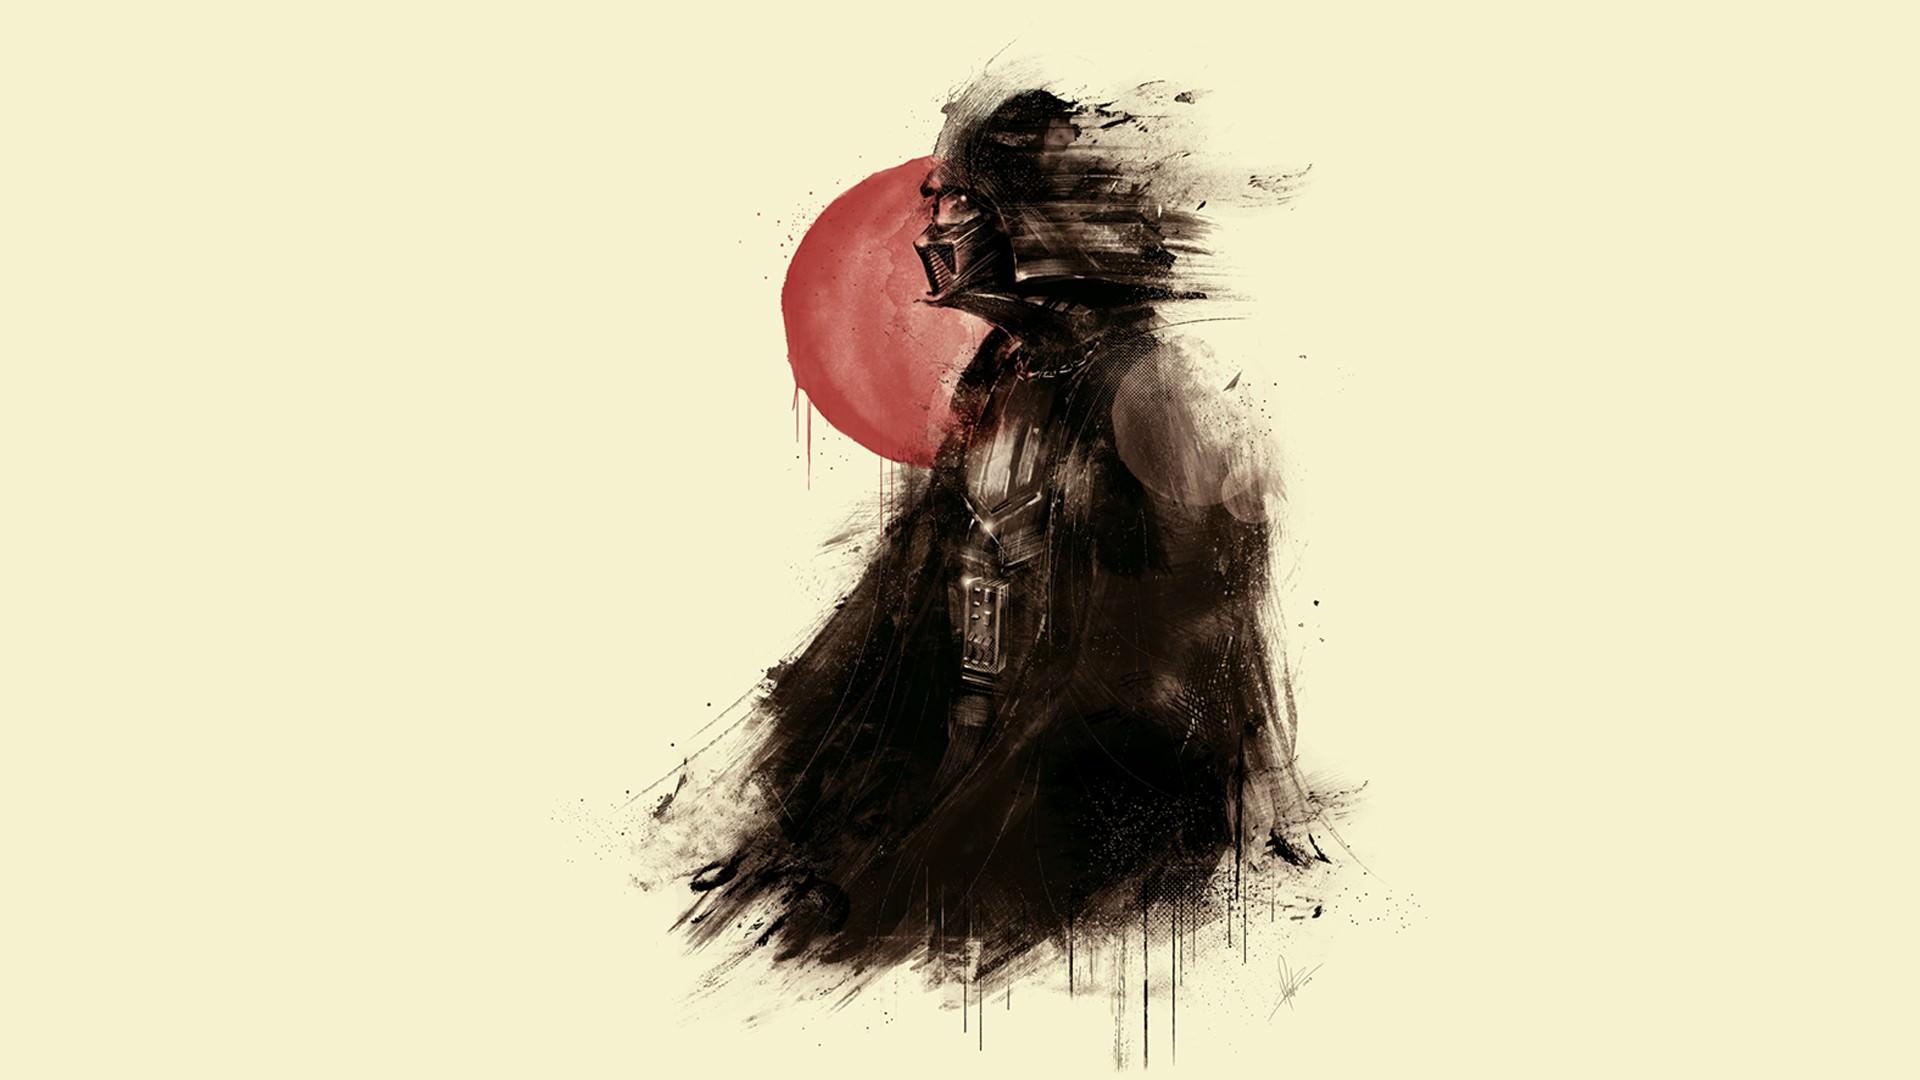 Darth Vader Fan Art Wallpaper   DigitalArtio 1920x1080